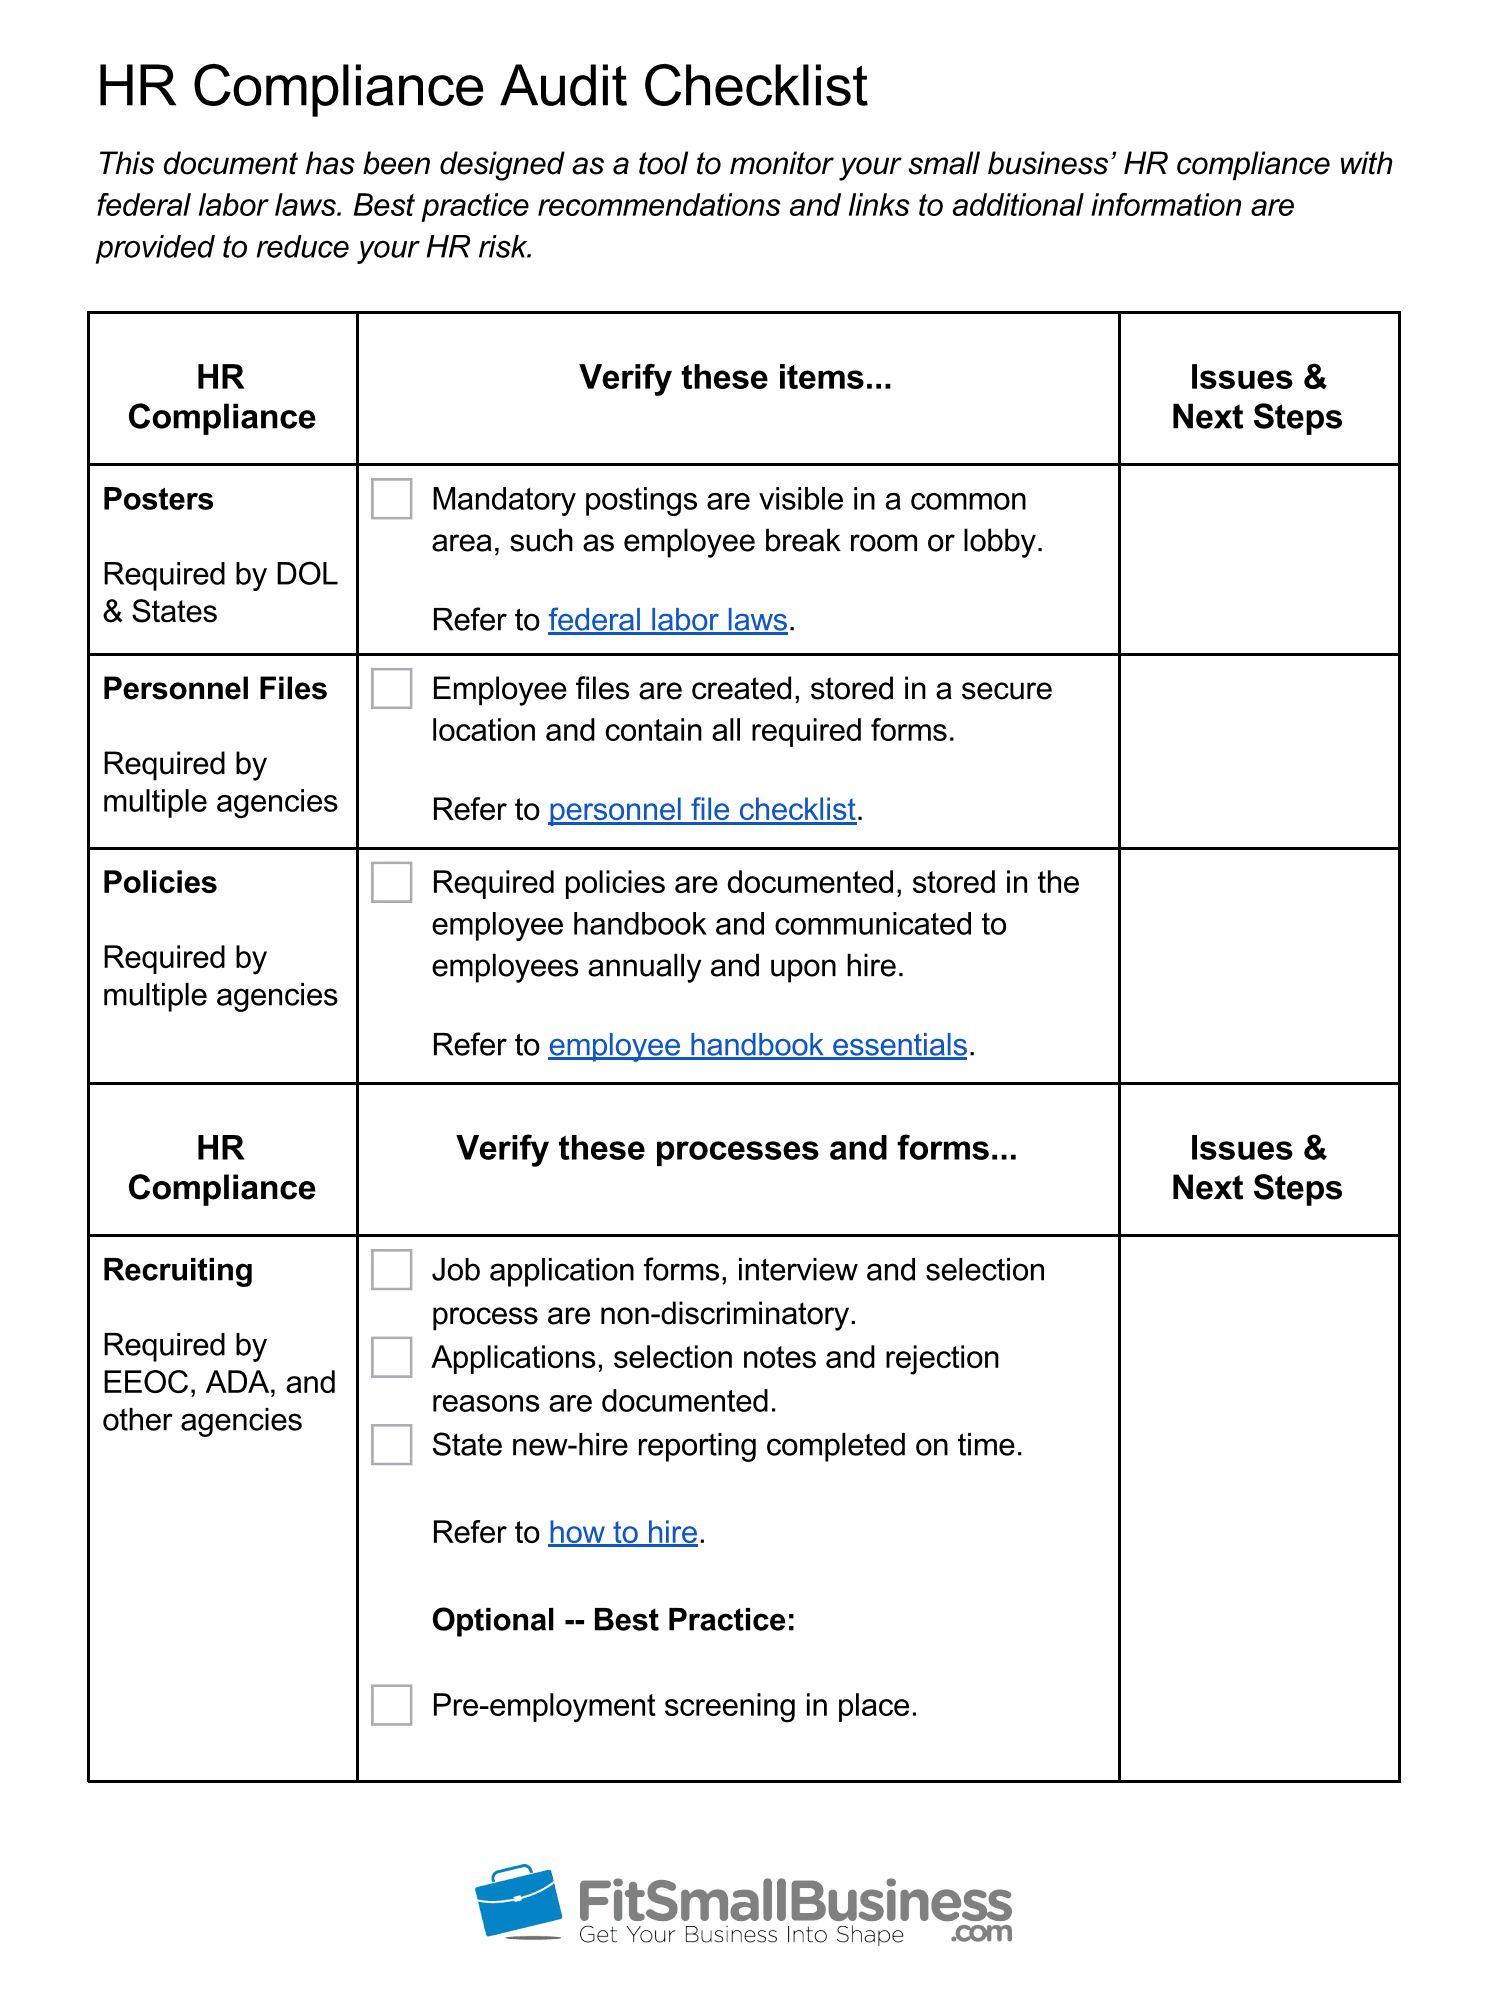 Hr Compliance Definition Free Hr Audit Checklist With